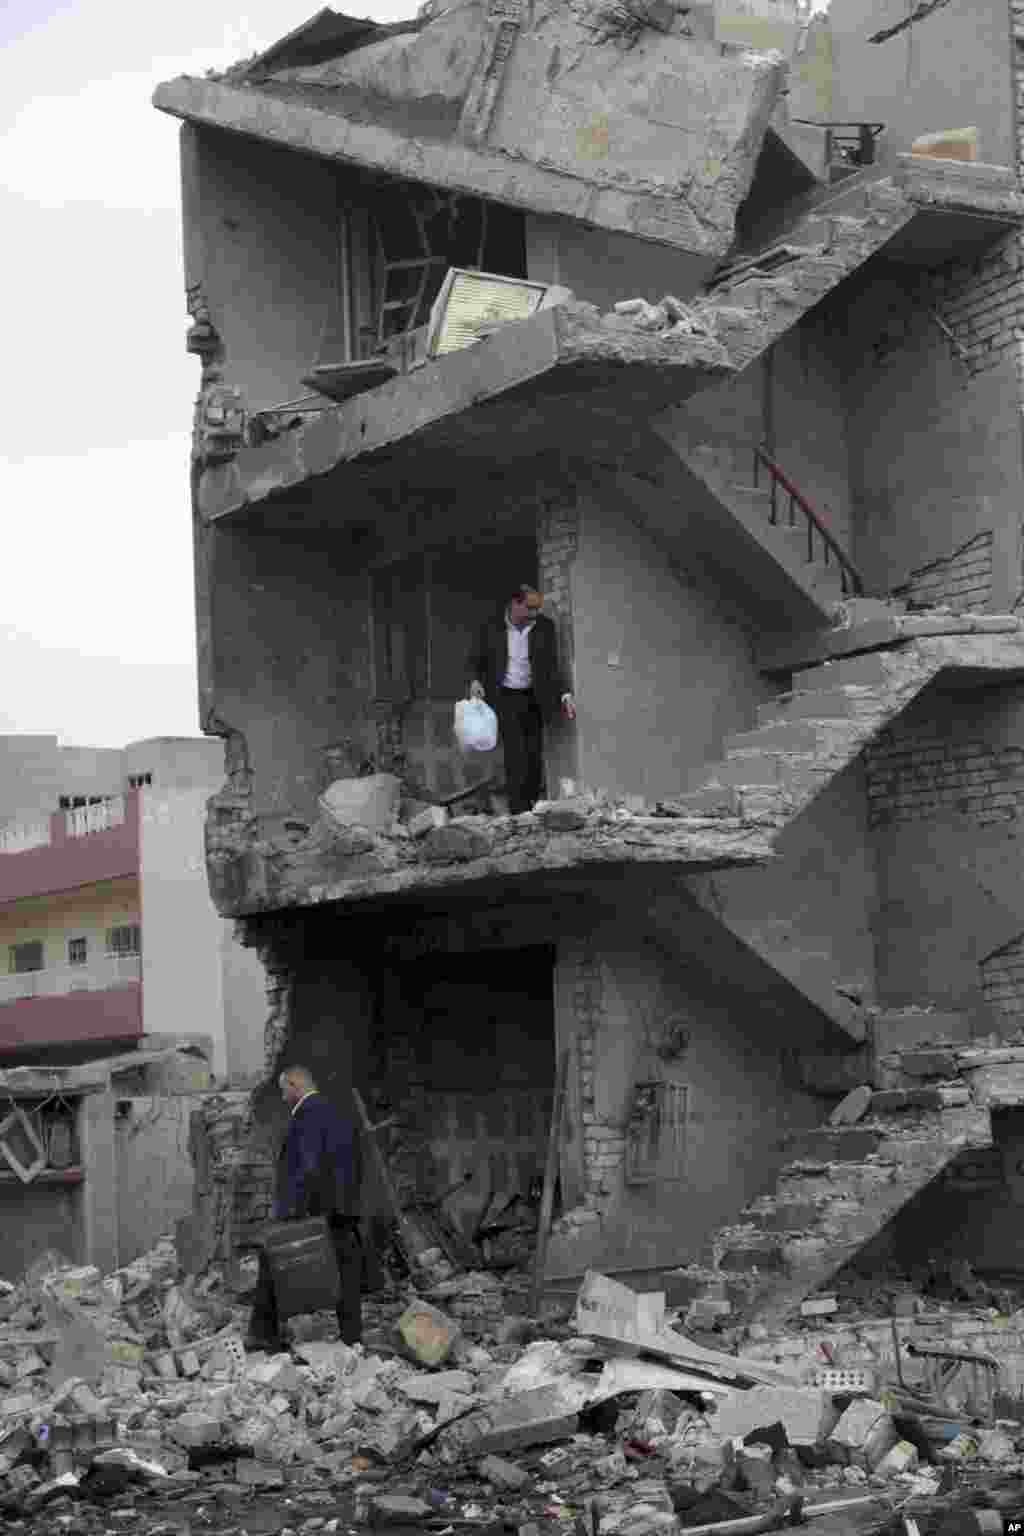 이라크 뉴바그다드의 상업지구에서 차량 폭탄 테러가 발생한 가운데, 주민들이 폭발로 심하게 부서진 건물에서 자신들의 물건을 챙기고 있다.